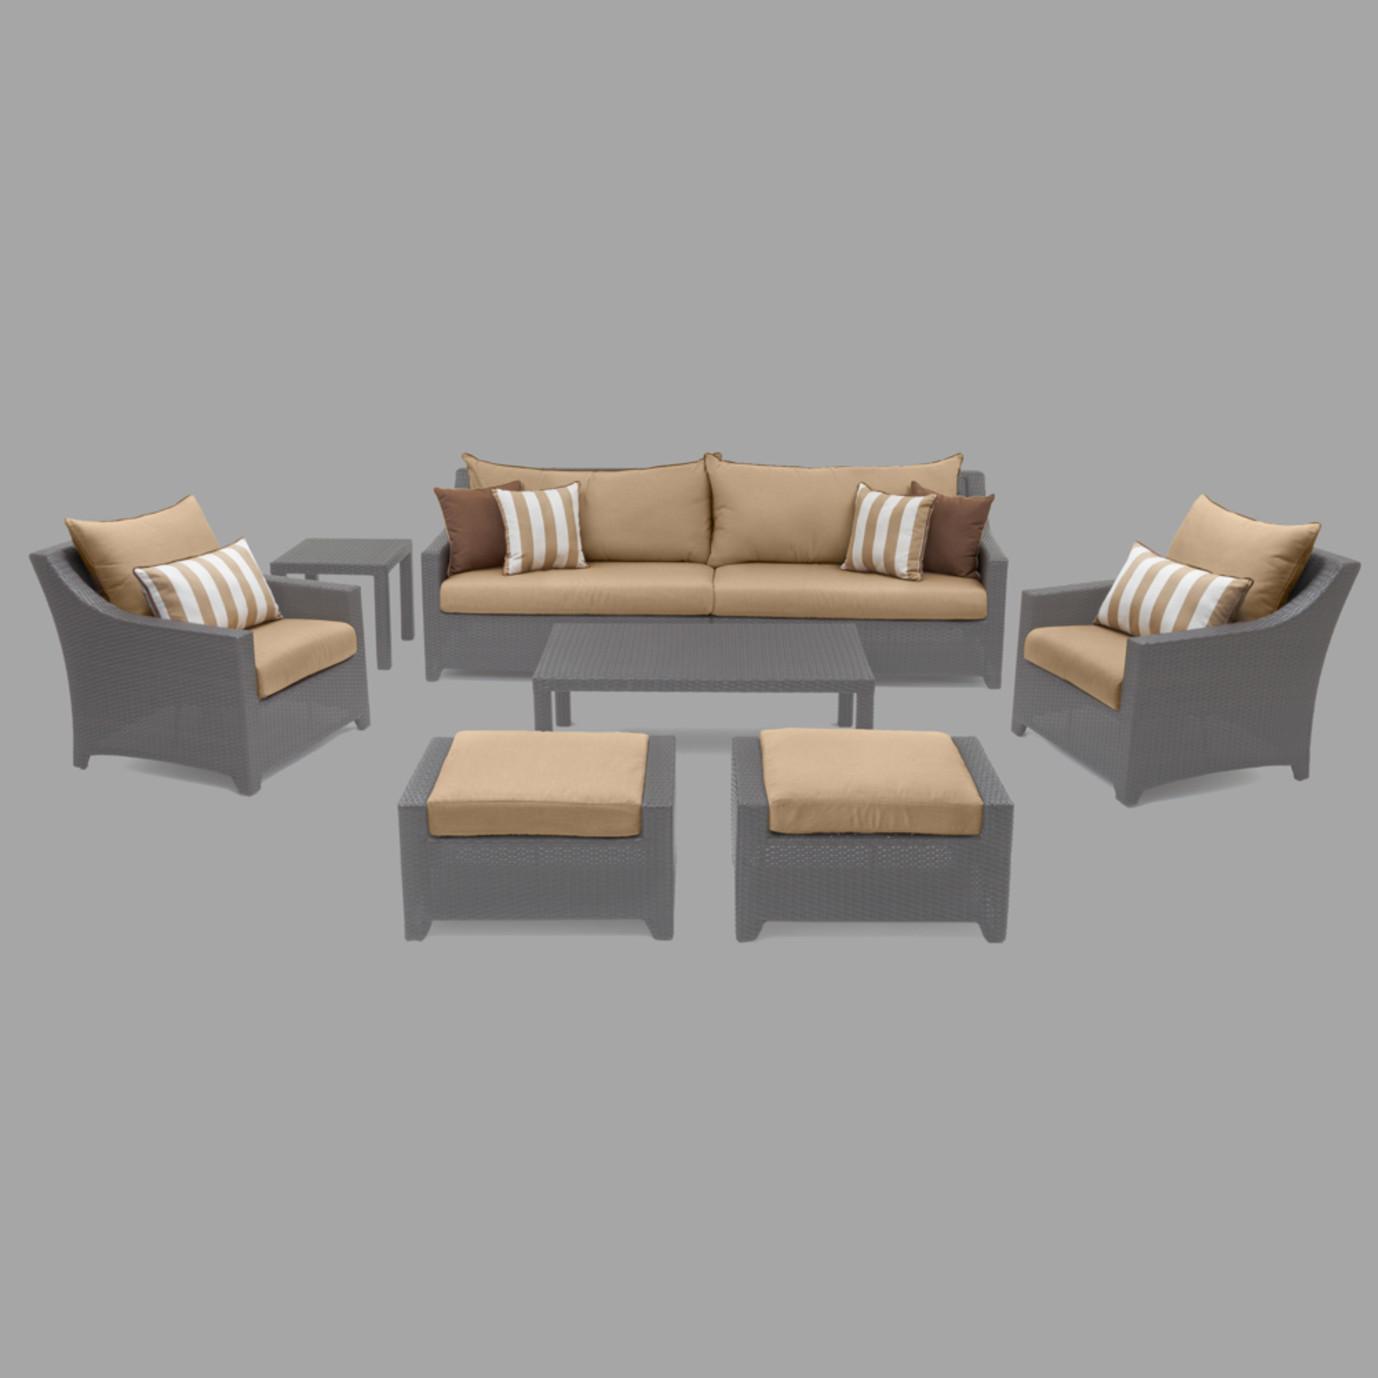 Modular Outdoor 8pc Club Cushion Cover Set - Maxim Beige